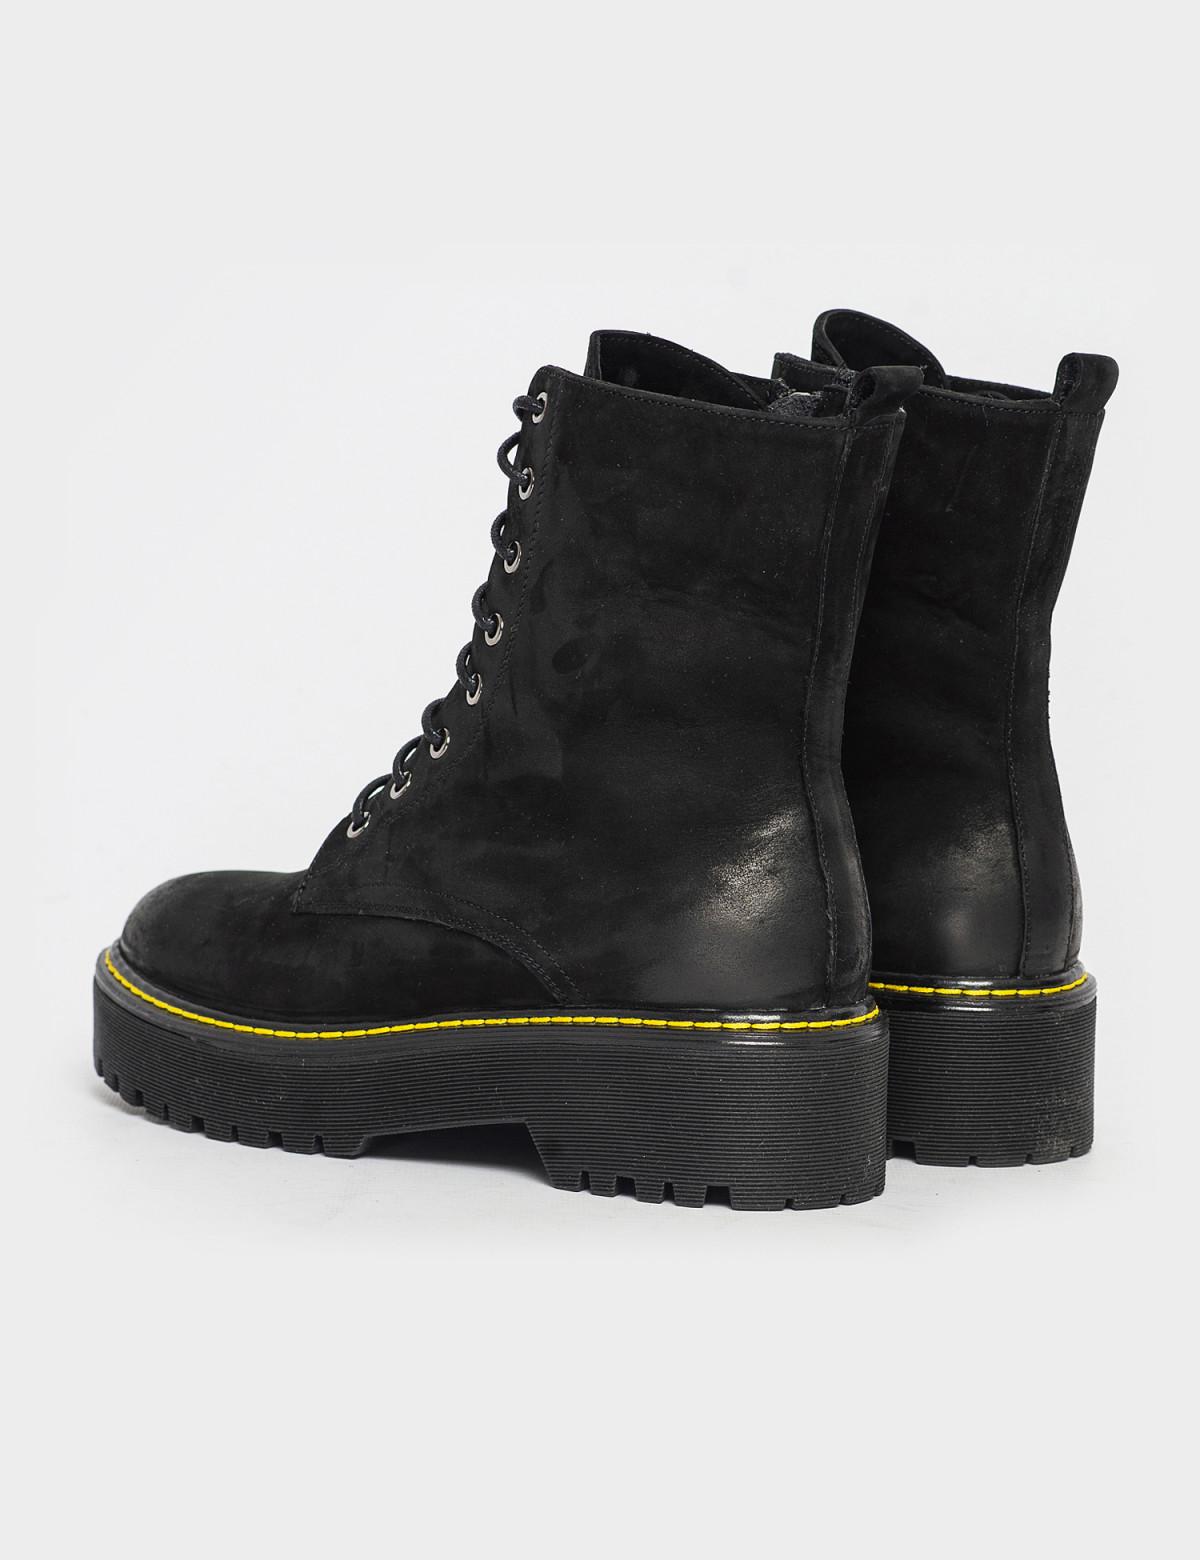 Ботинки черные. Натуральный нубук. Шерсть 2